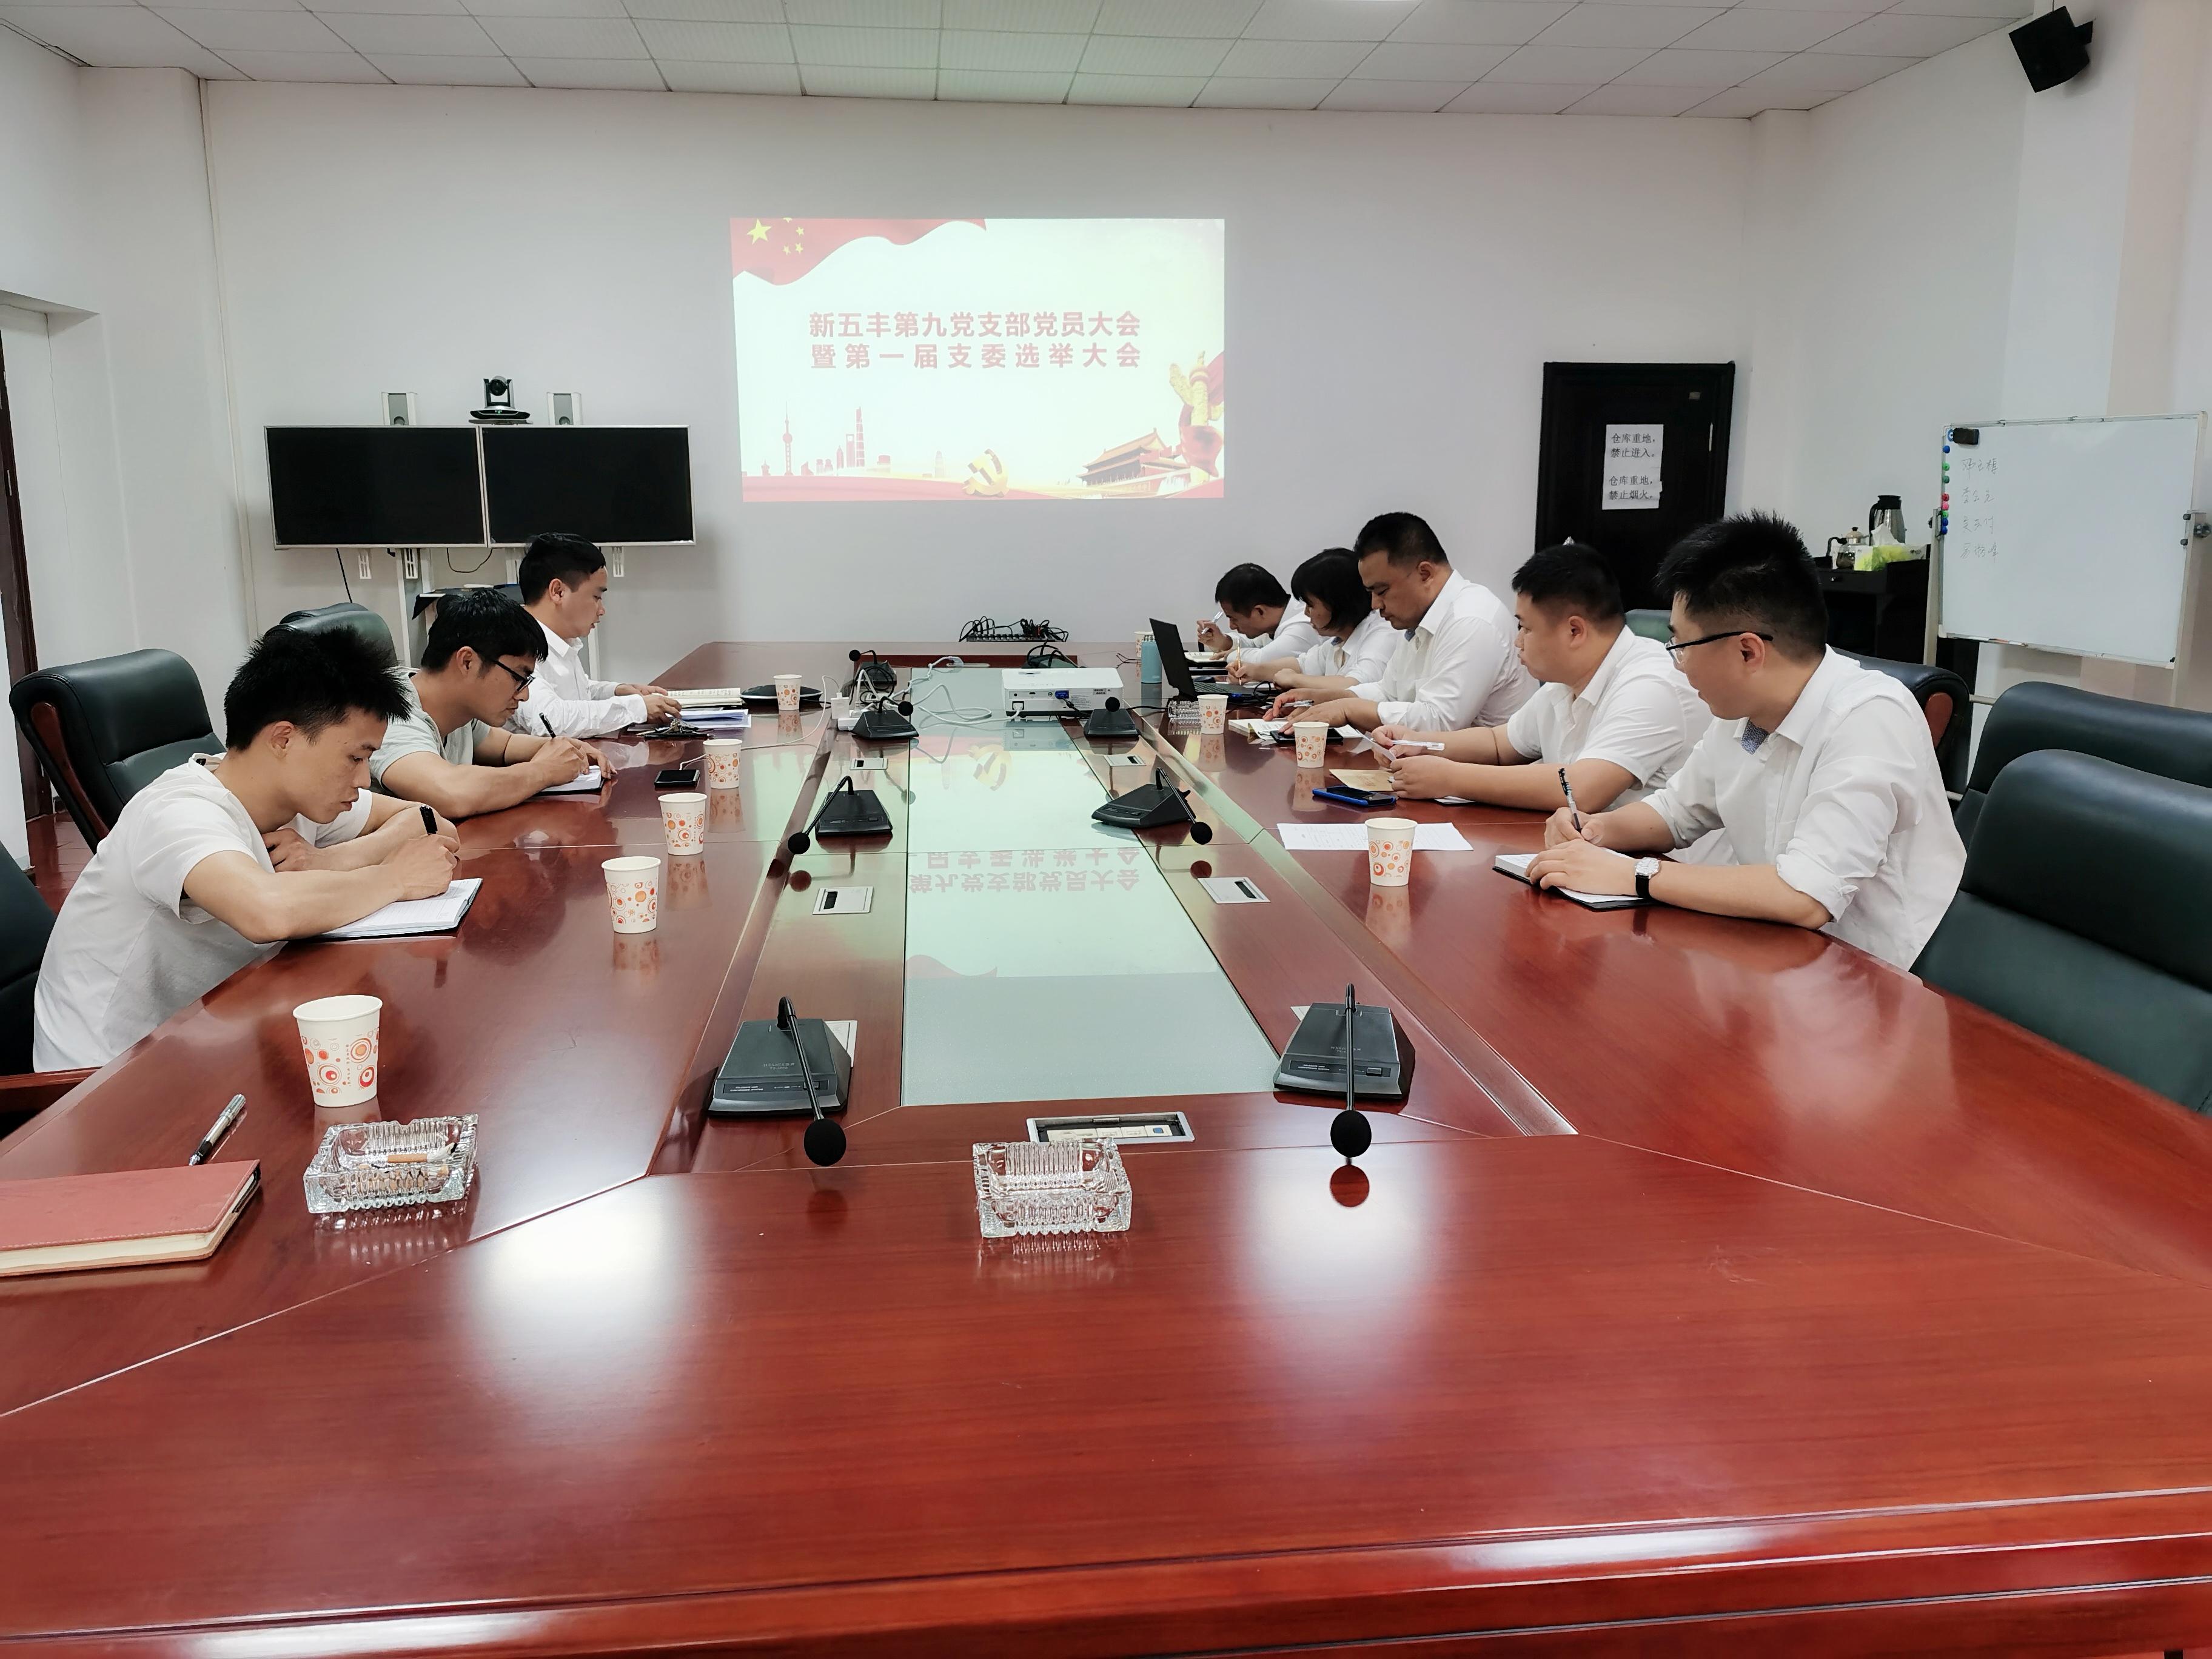 新五丰九支部召开全体党员大会暨第一届支委选举大会